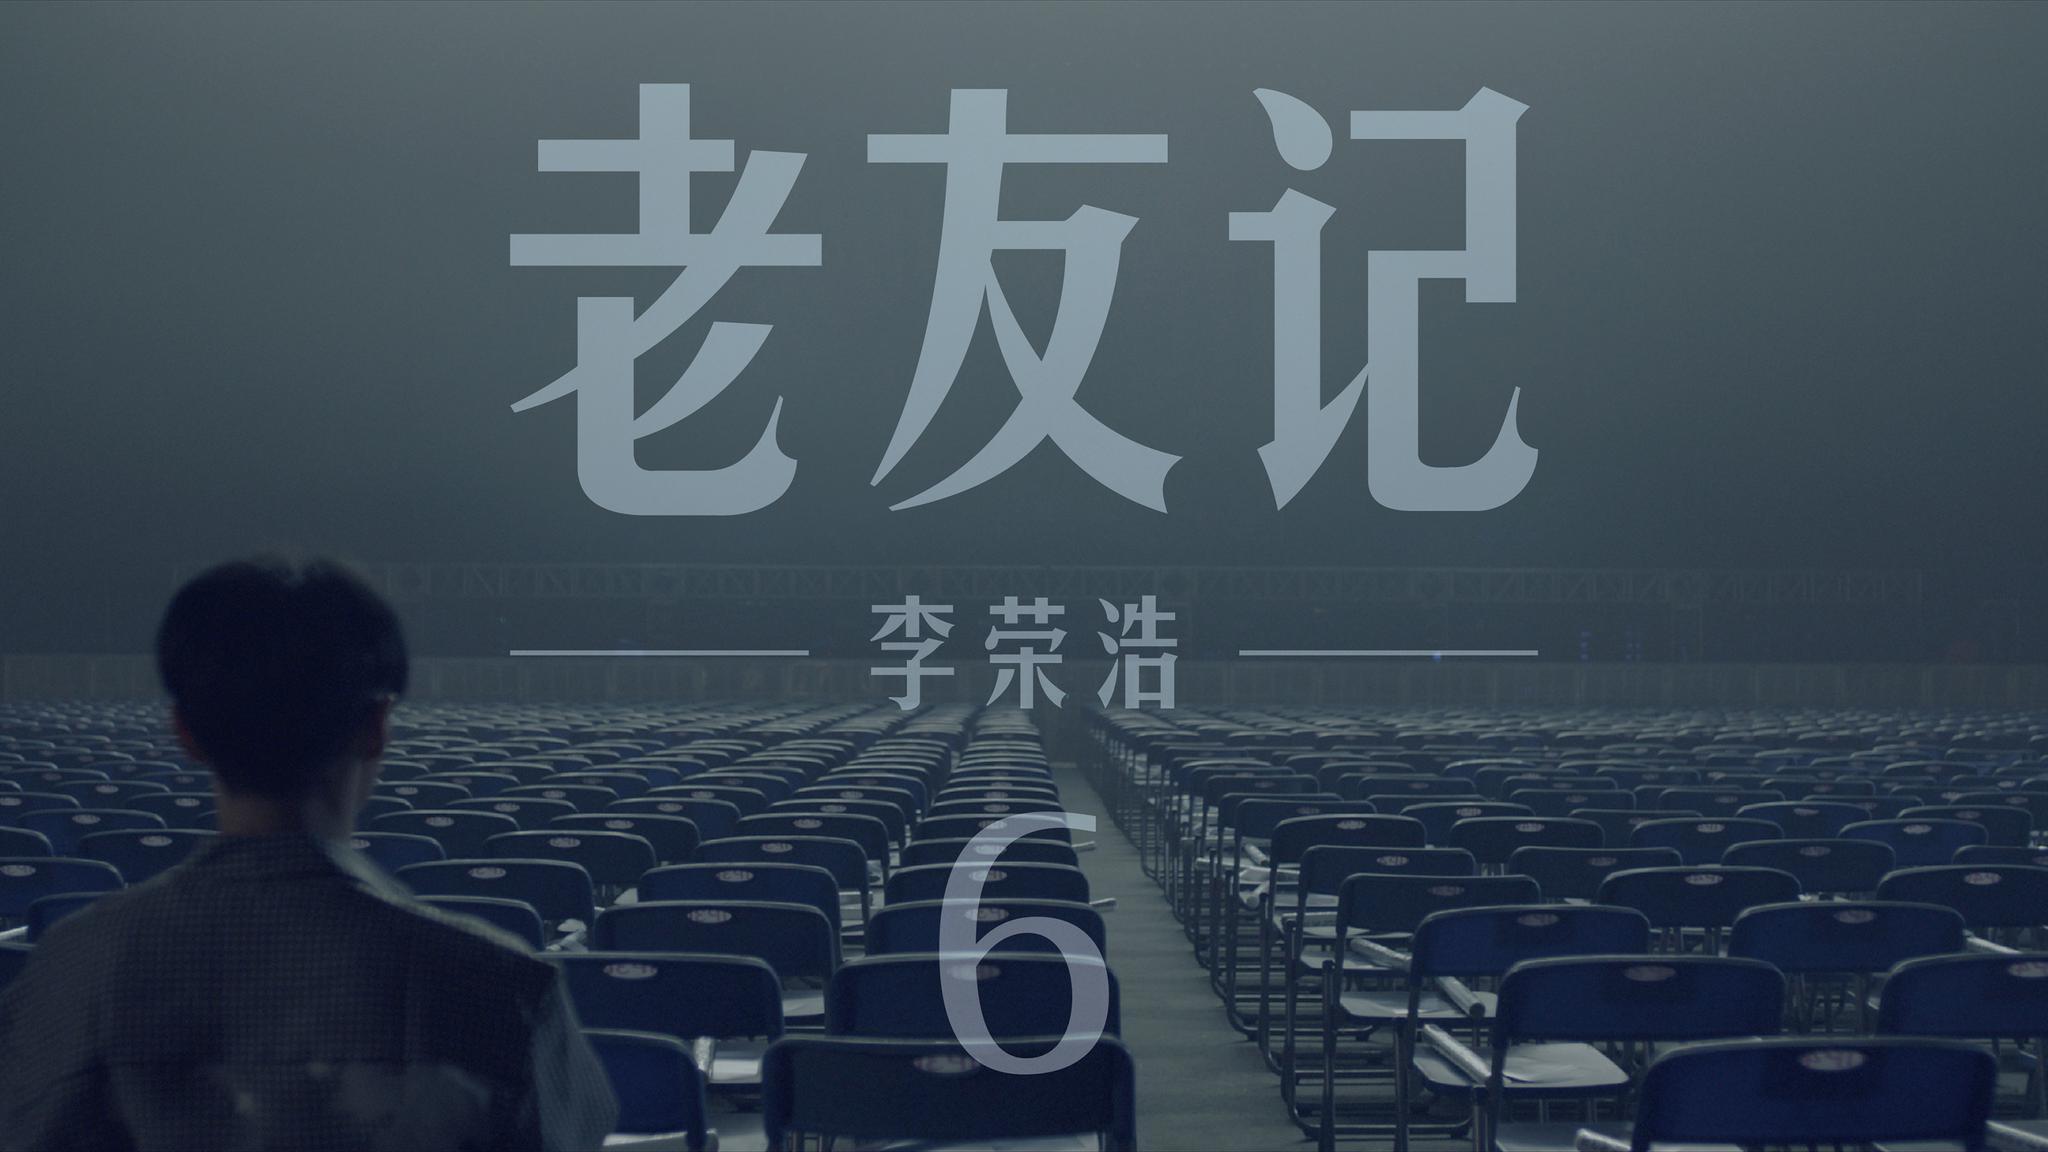 李荣浩新歌《老友记》正式官宣 12月21日将上线